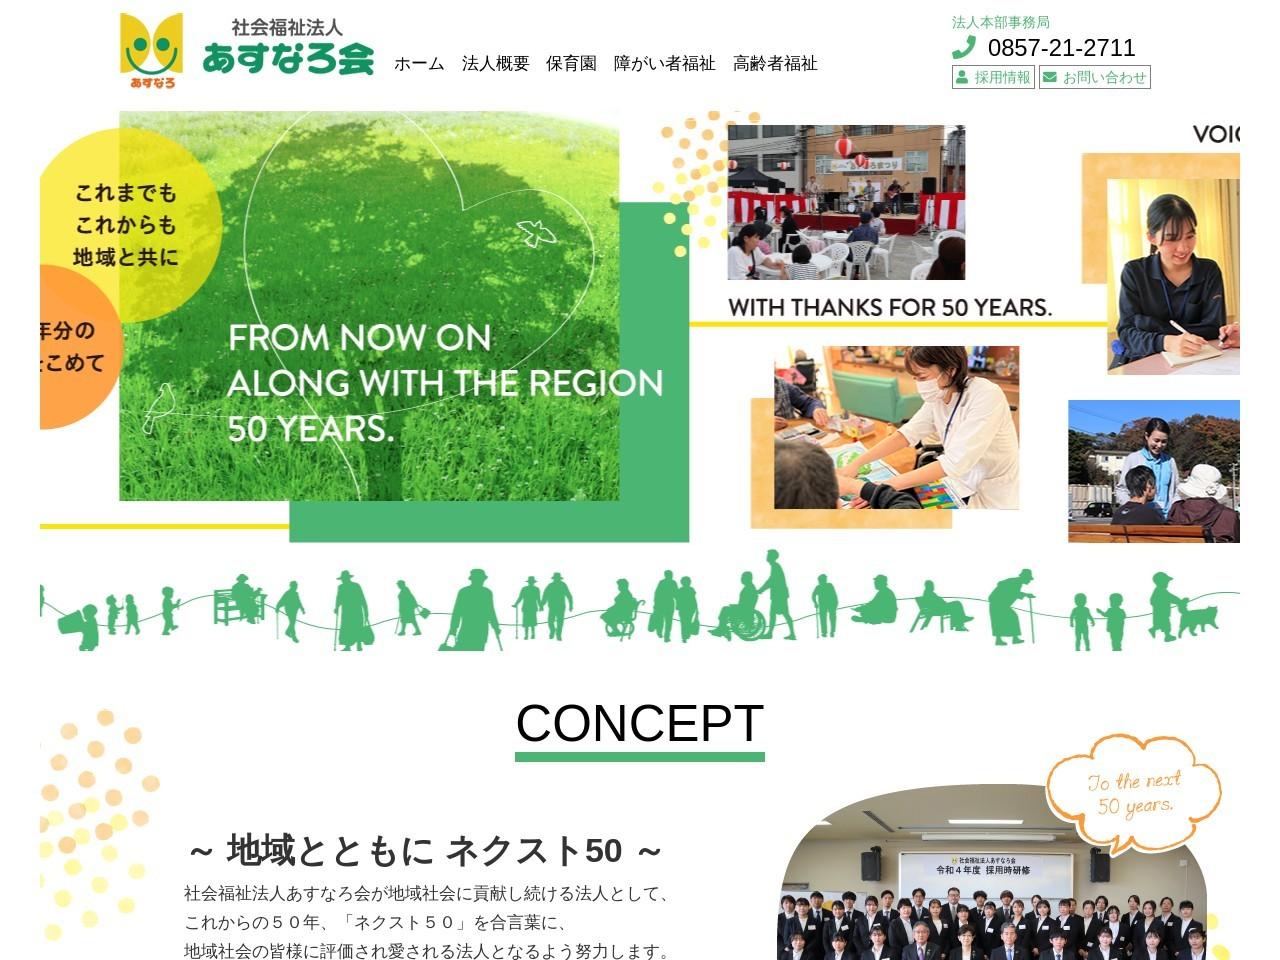 社会福祉法人あすなろ会 鳥取県東部|老人介護福祉|障がい者福祉|保育園|